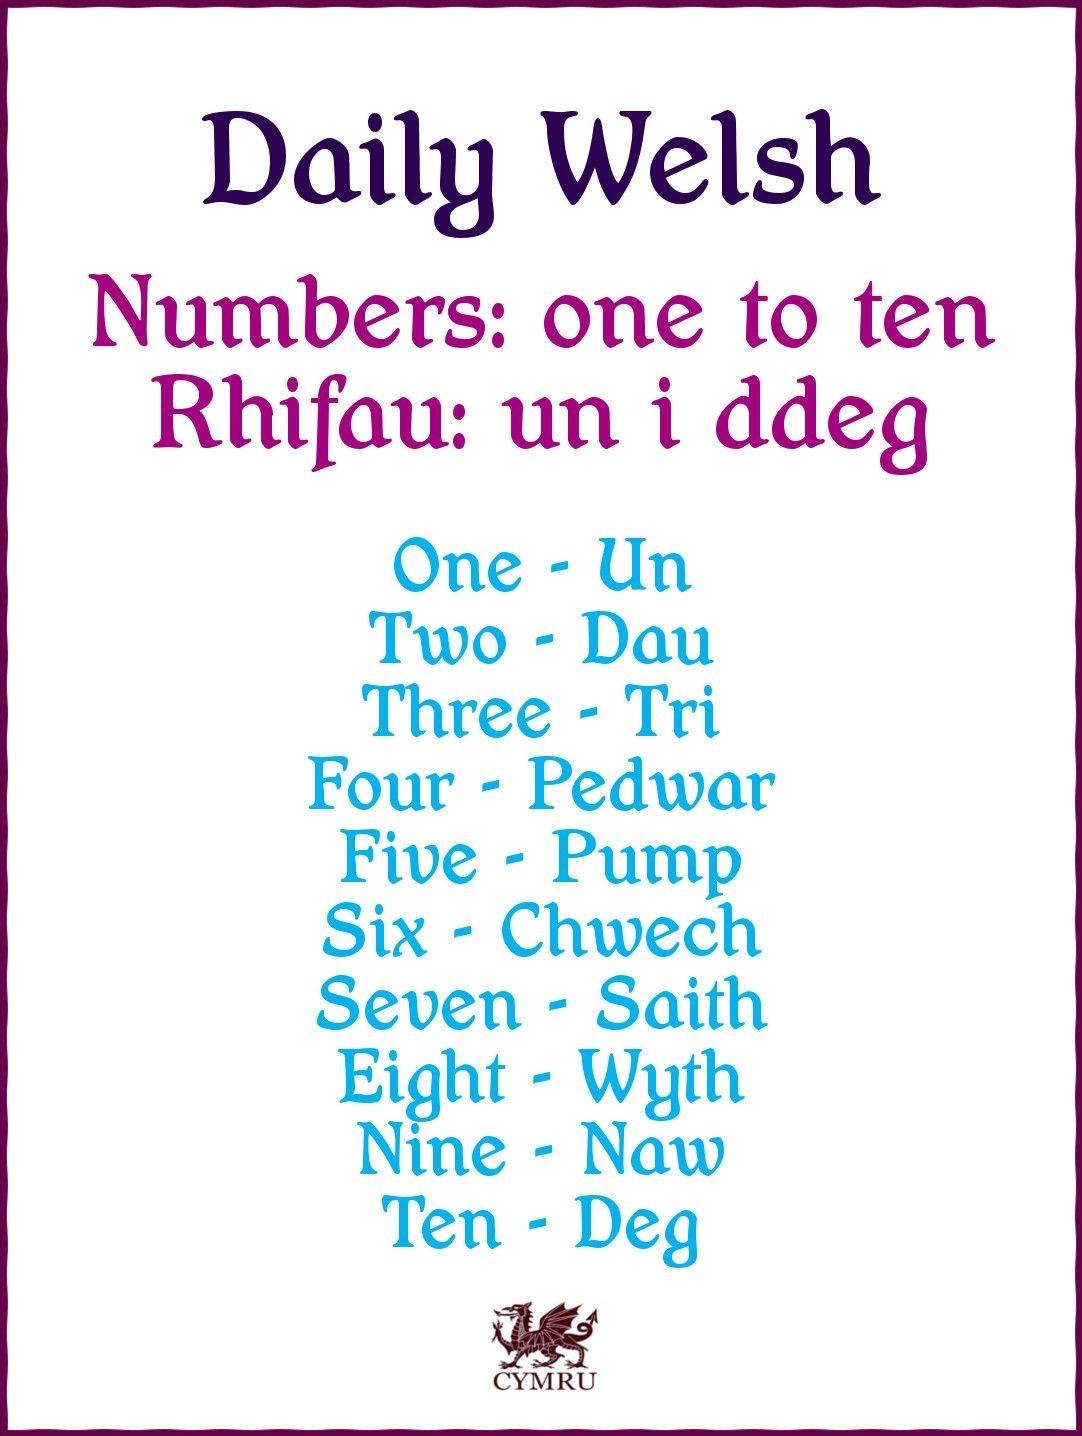 Https://Www.facebook/Waleslandofmyfathers | Welsh Language, Welsh Words, Learn Welsh